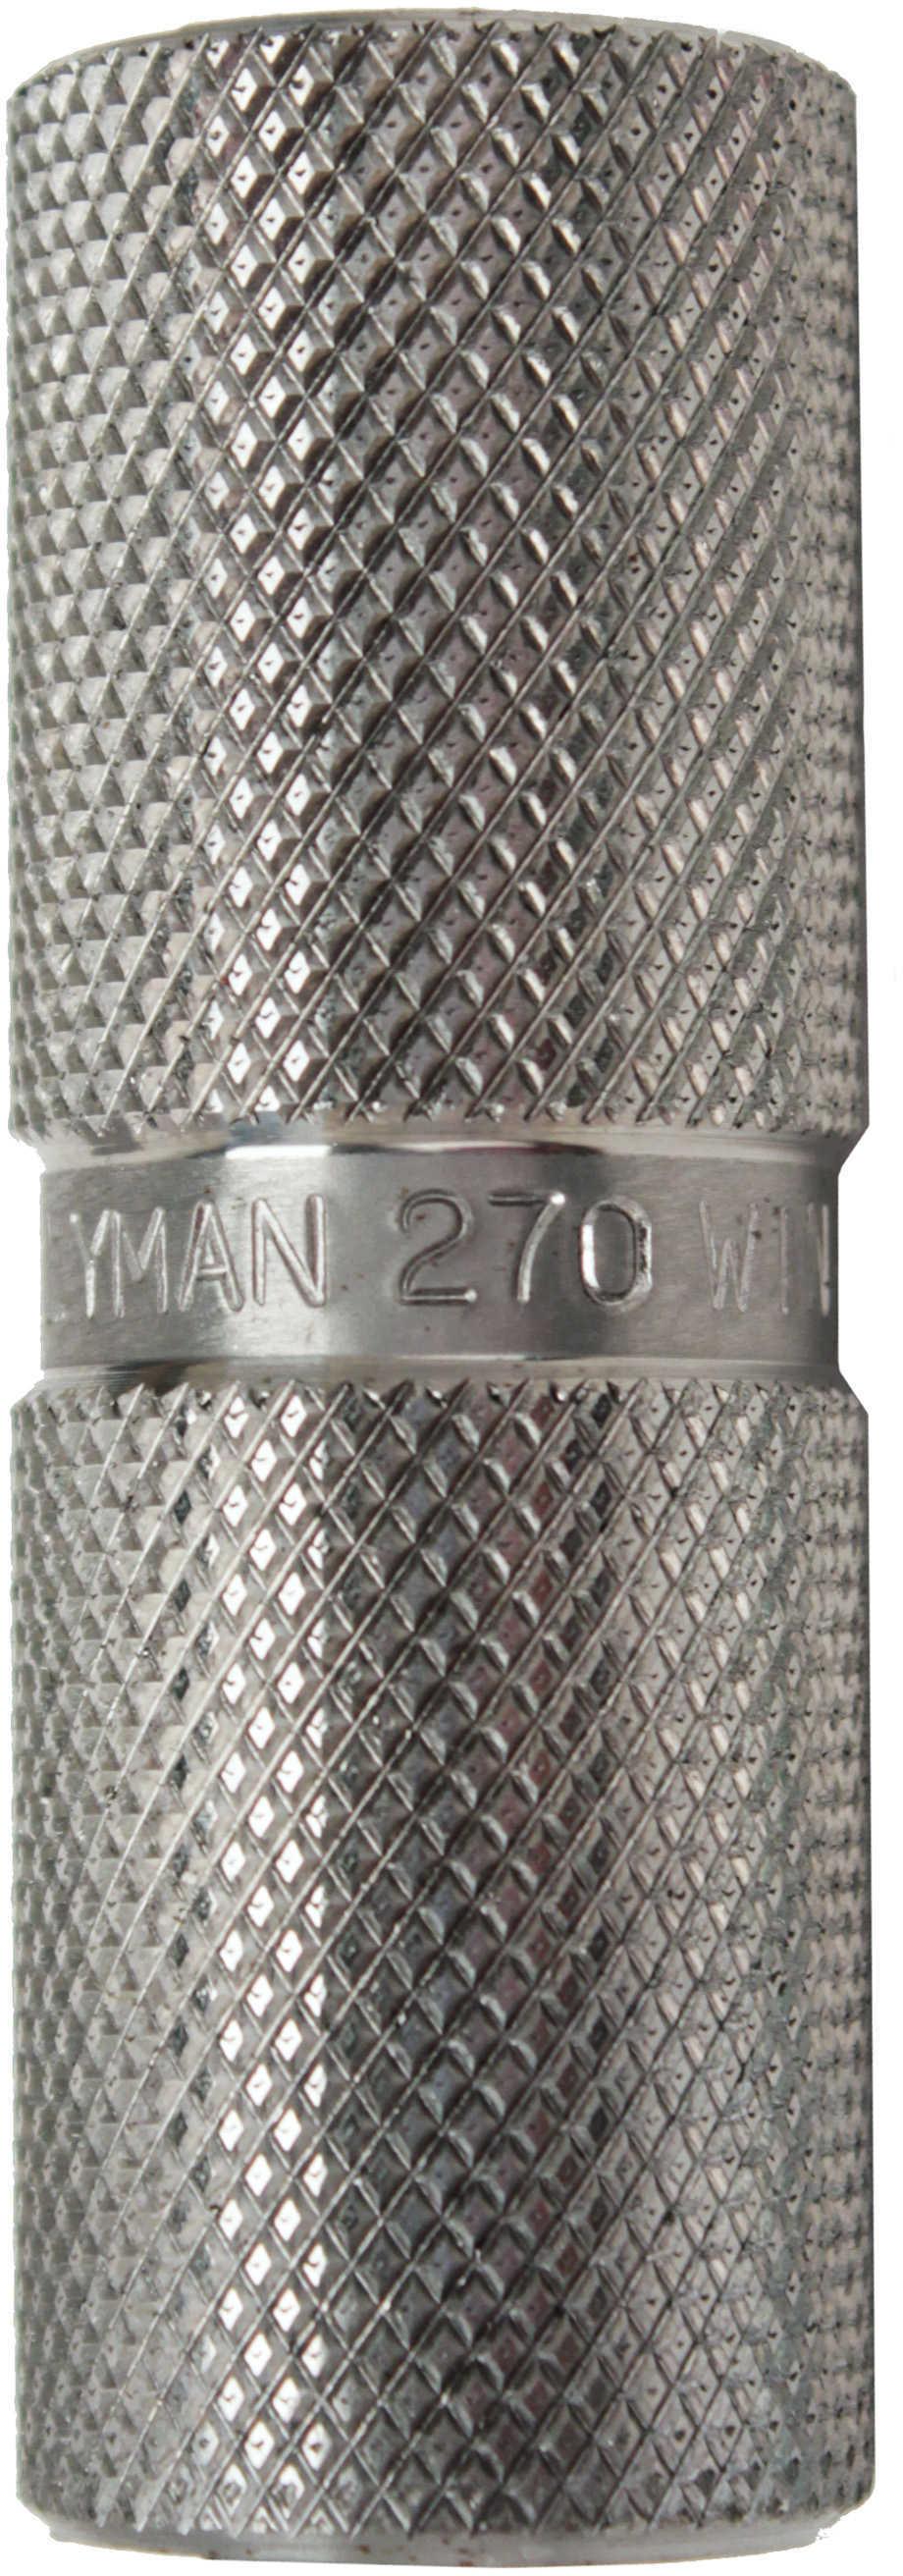 Lyman 270 Win Case Length/Headspace Gauge 7832325